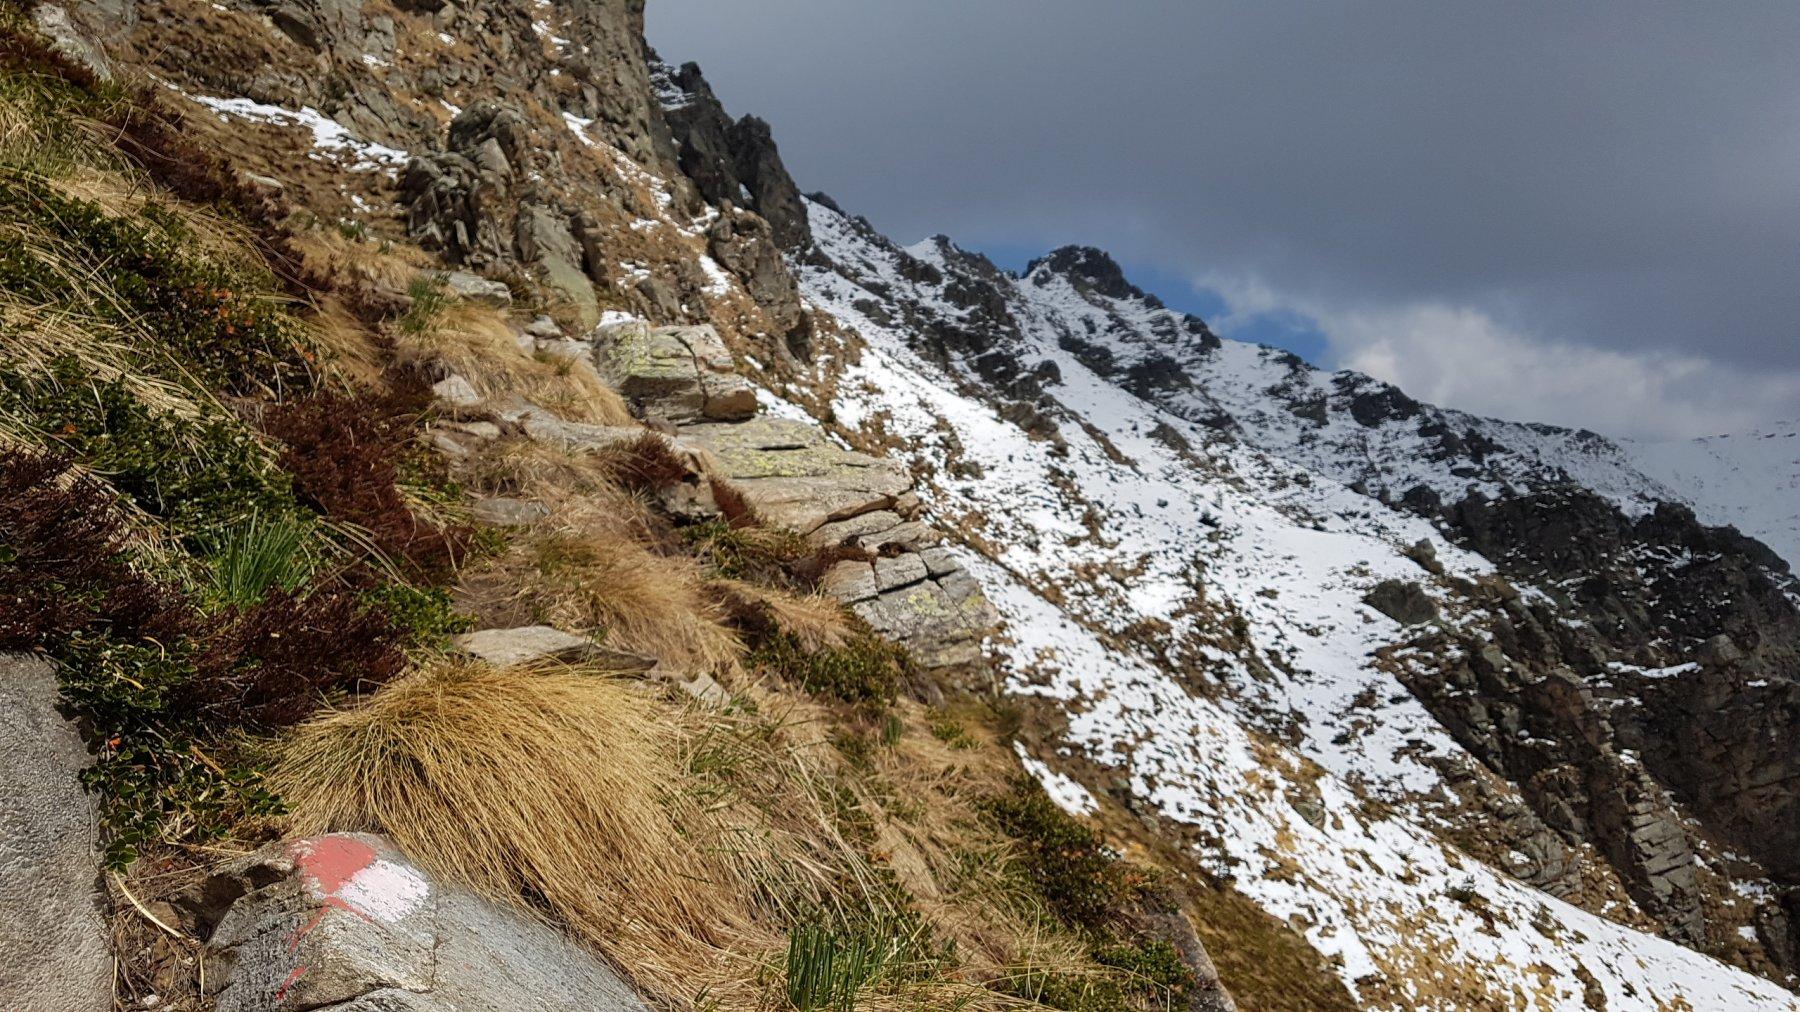 Sentierino tra cengette a quota 1900 circa sotto la bastionata rocciosa